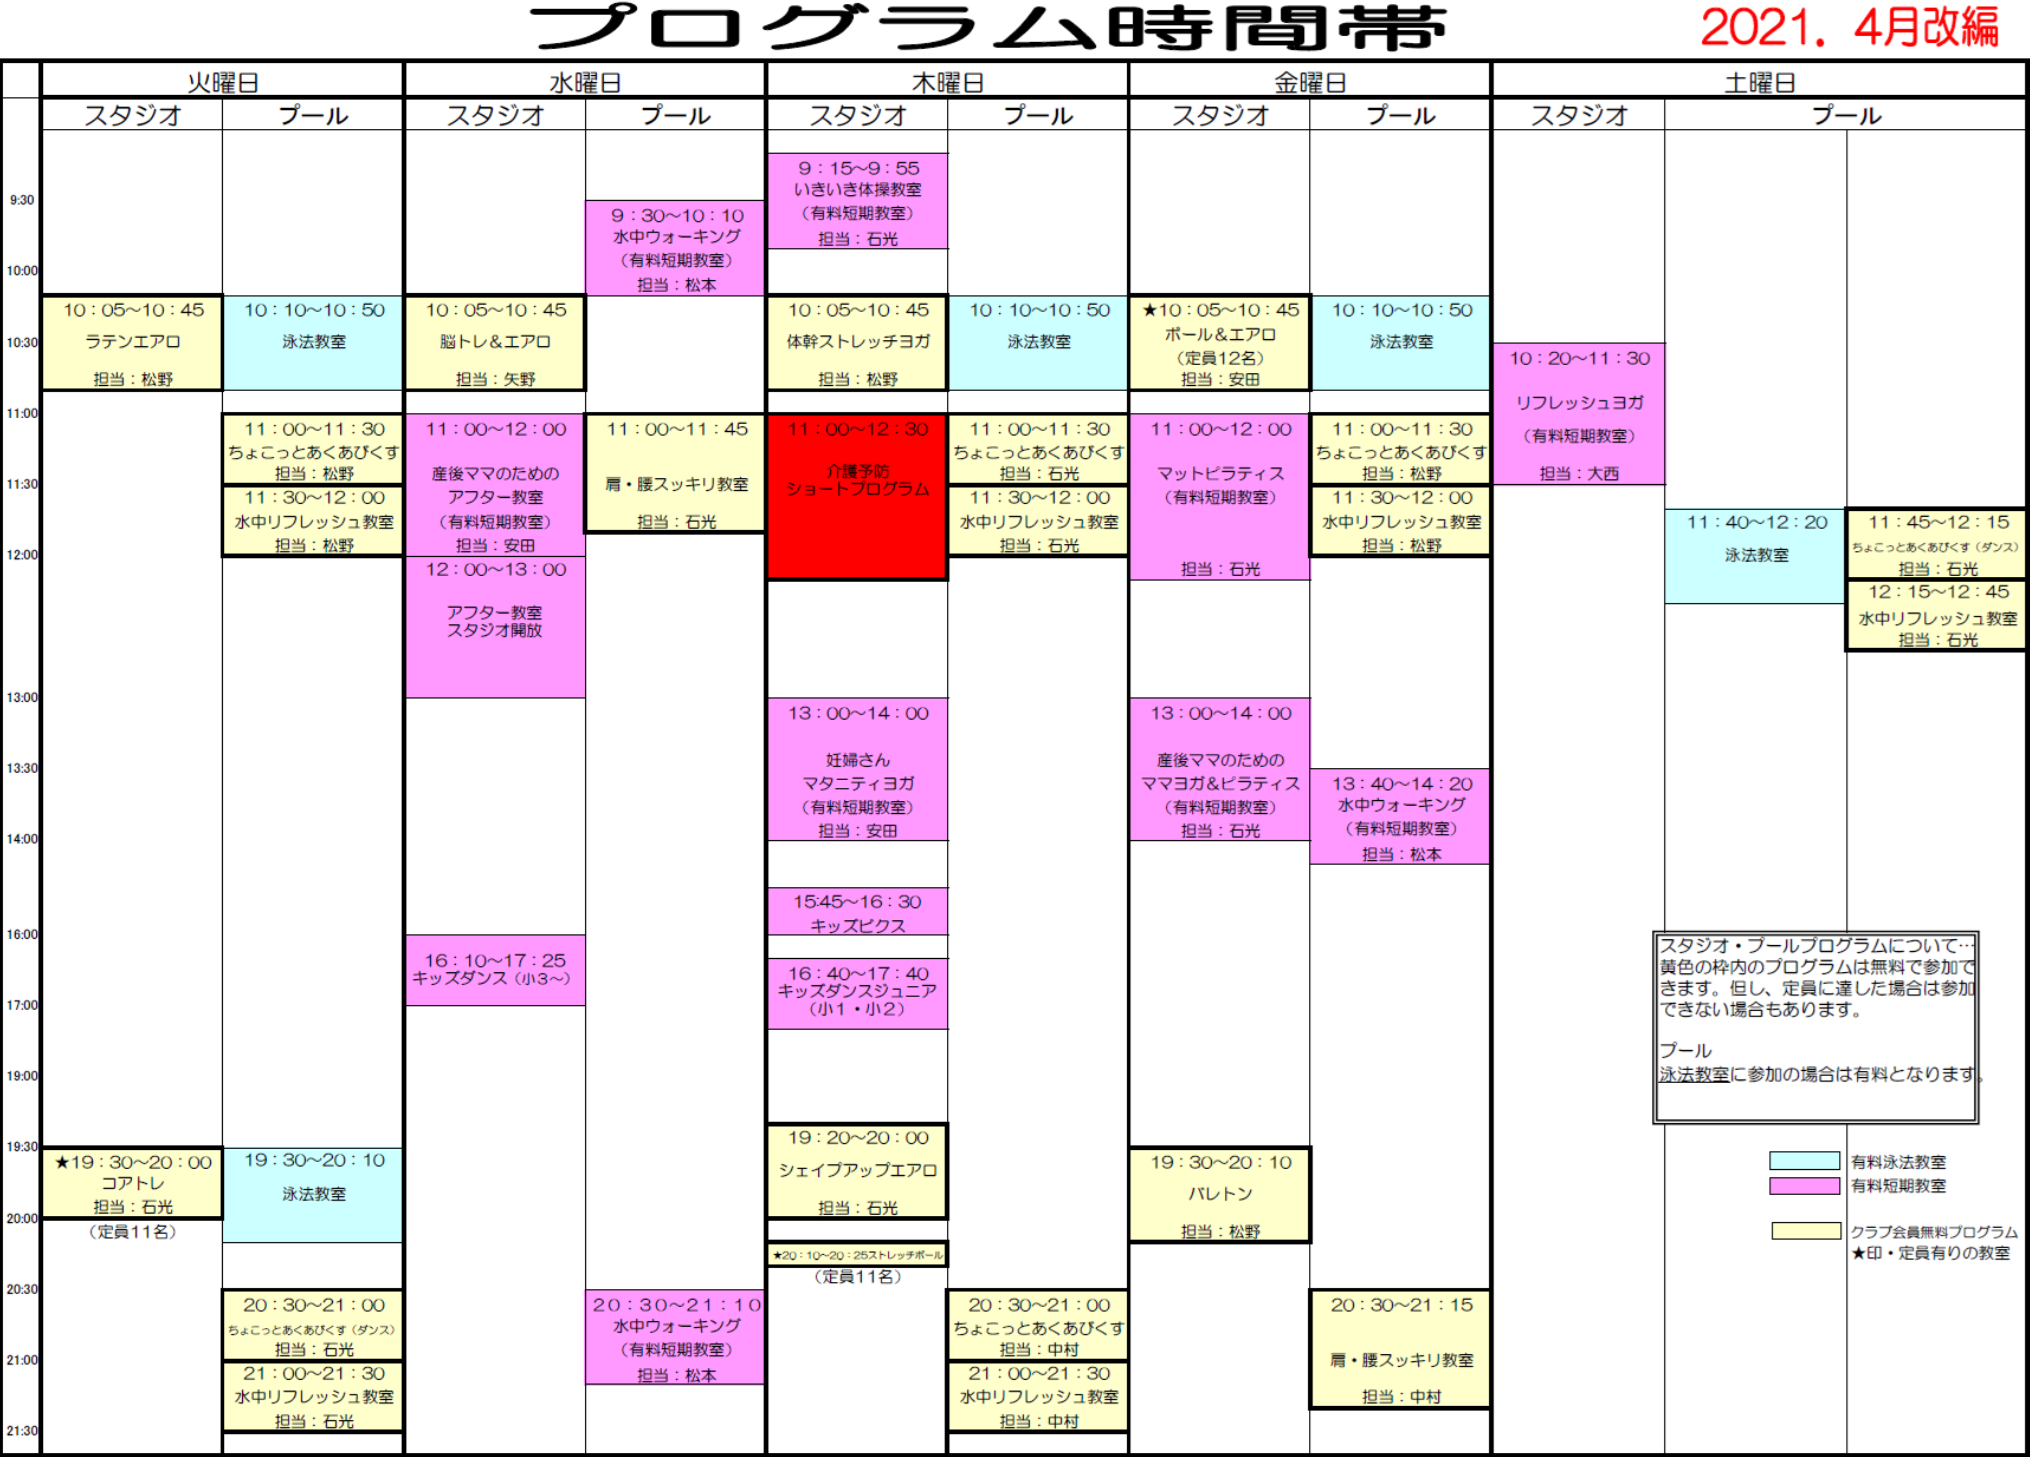 プログラム時間帯